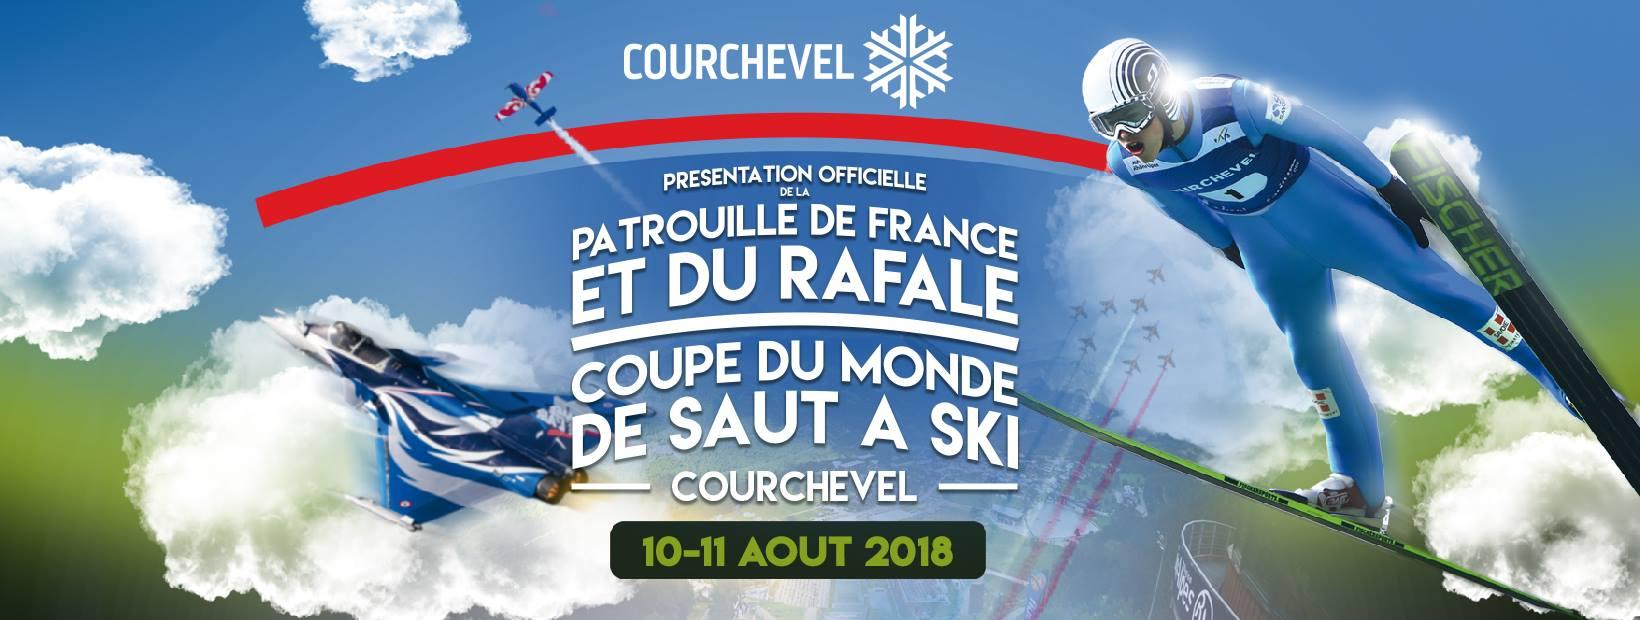 montagne-tee-sport-famille-patrouille_de_france-volotige-armee_de_lair-Rafale-competition-dames